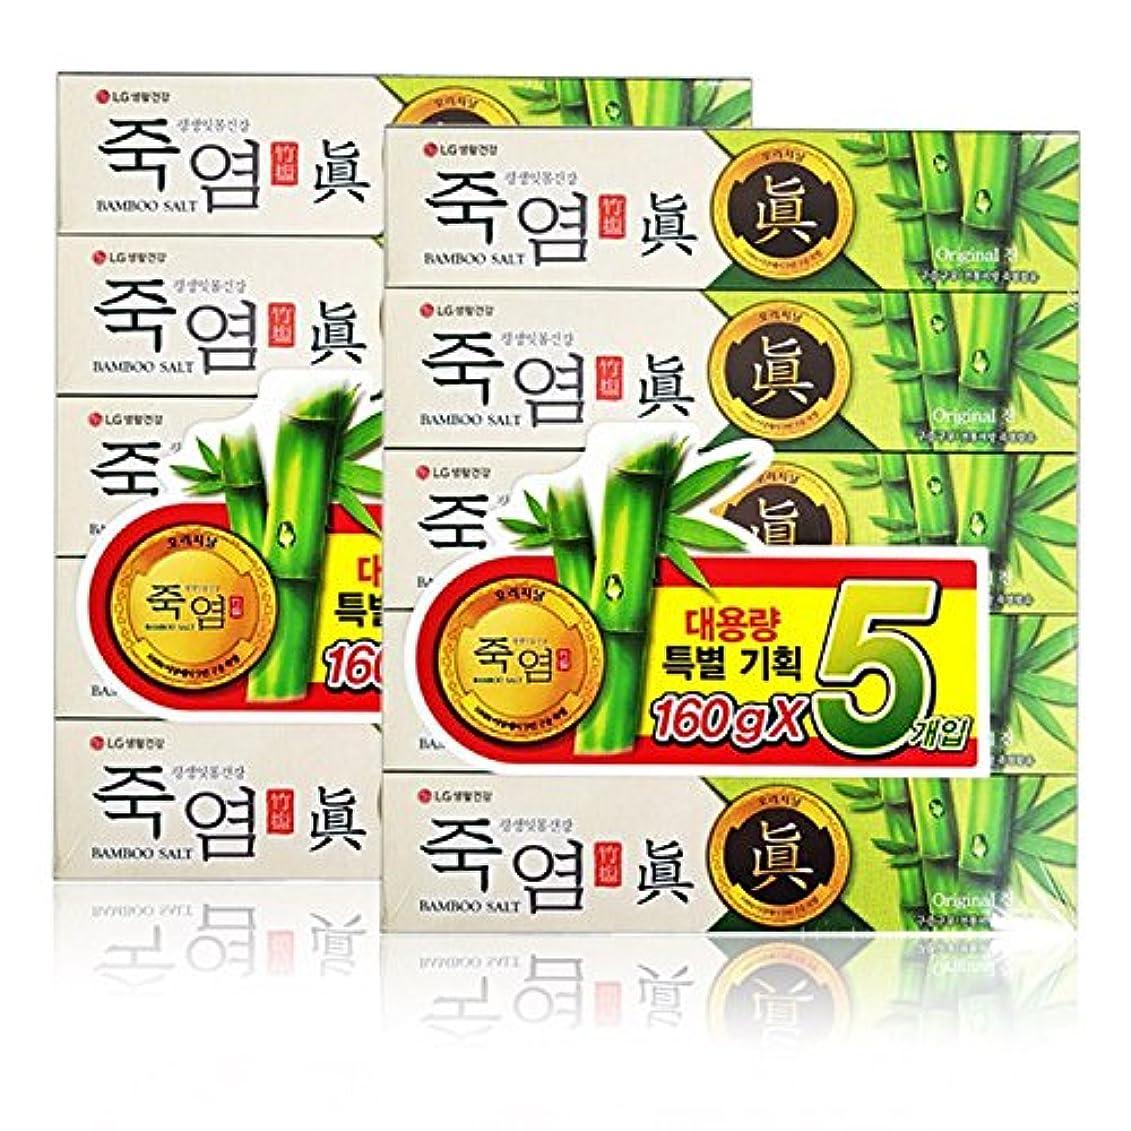 コート領事館メッセージ[LG電子の生活と健康] LG 竹塩オリジナル歯磨き粉160g*10つの(海外直送品)